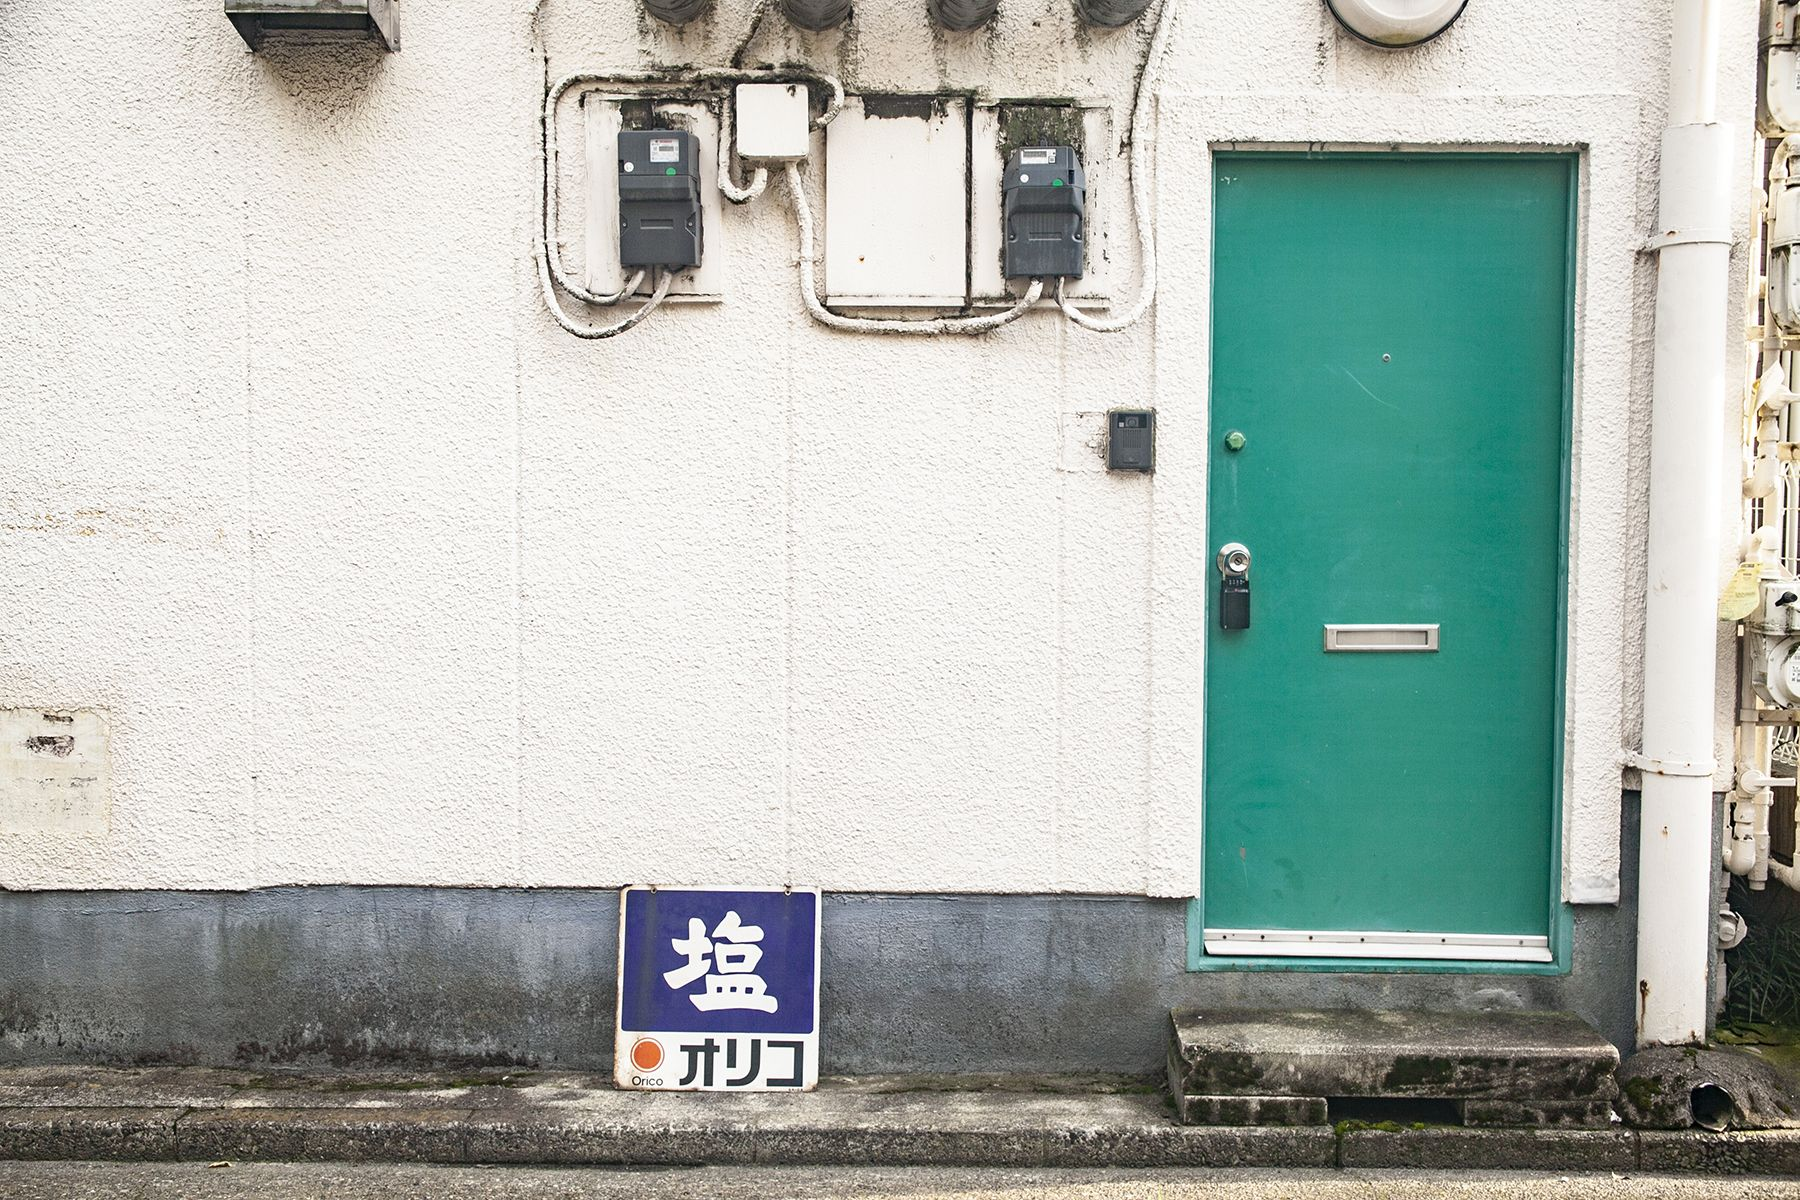 塩/シェアアトリエ (ropeマネジメントスペース)雑居ビルの入口